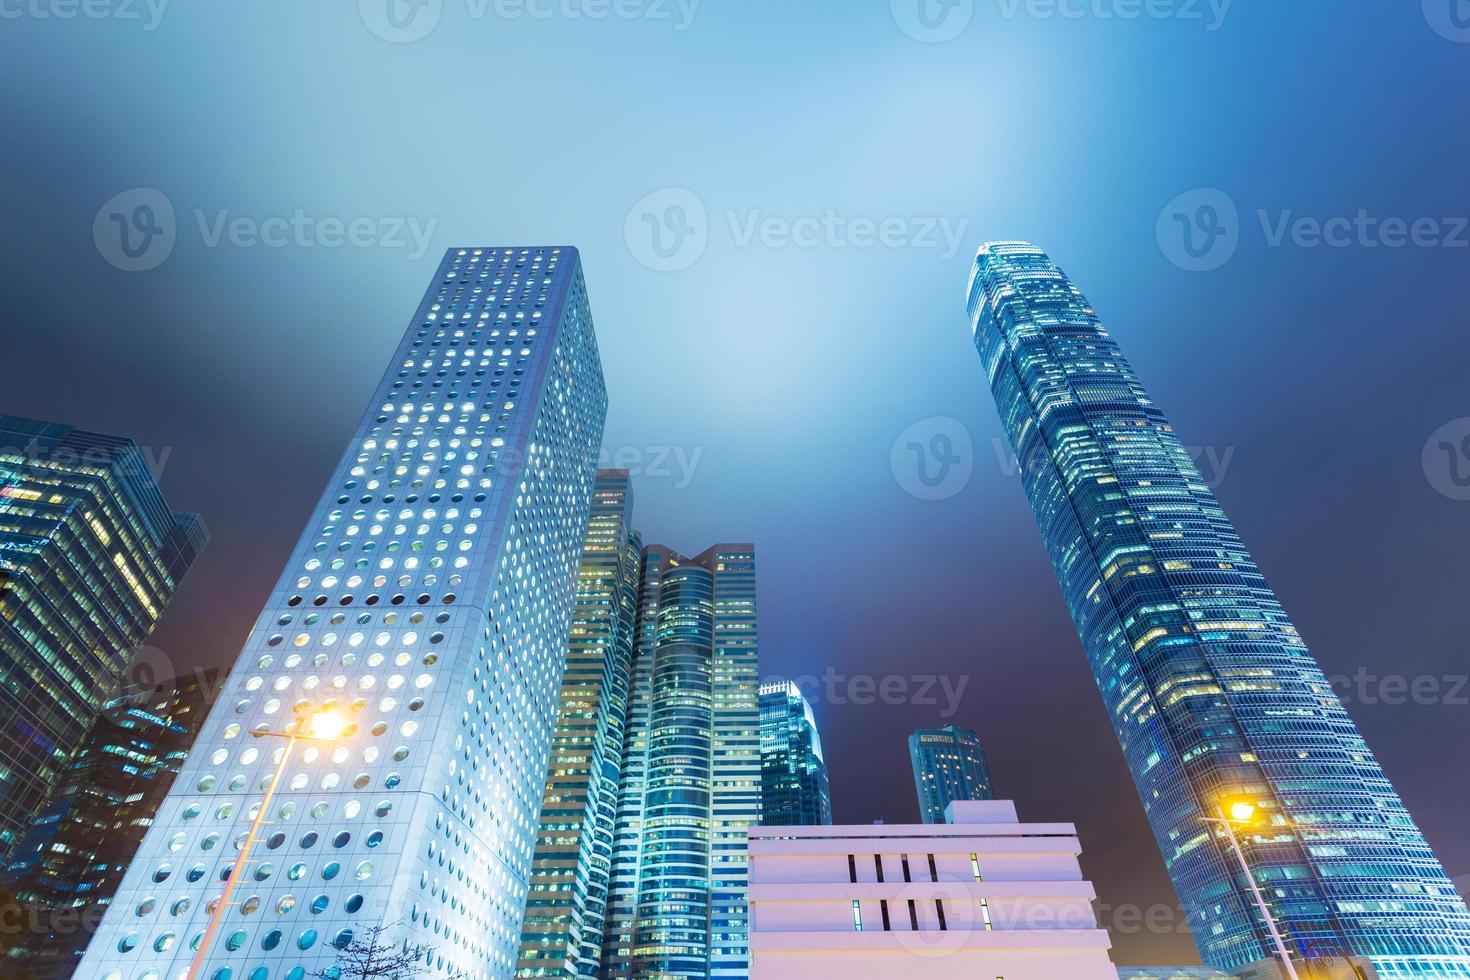 grands immeubles de bureaux de nuit photo